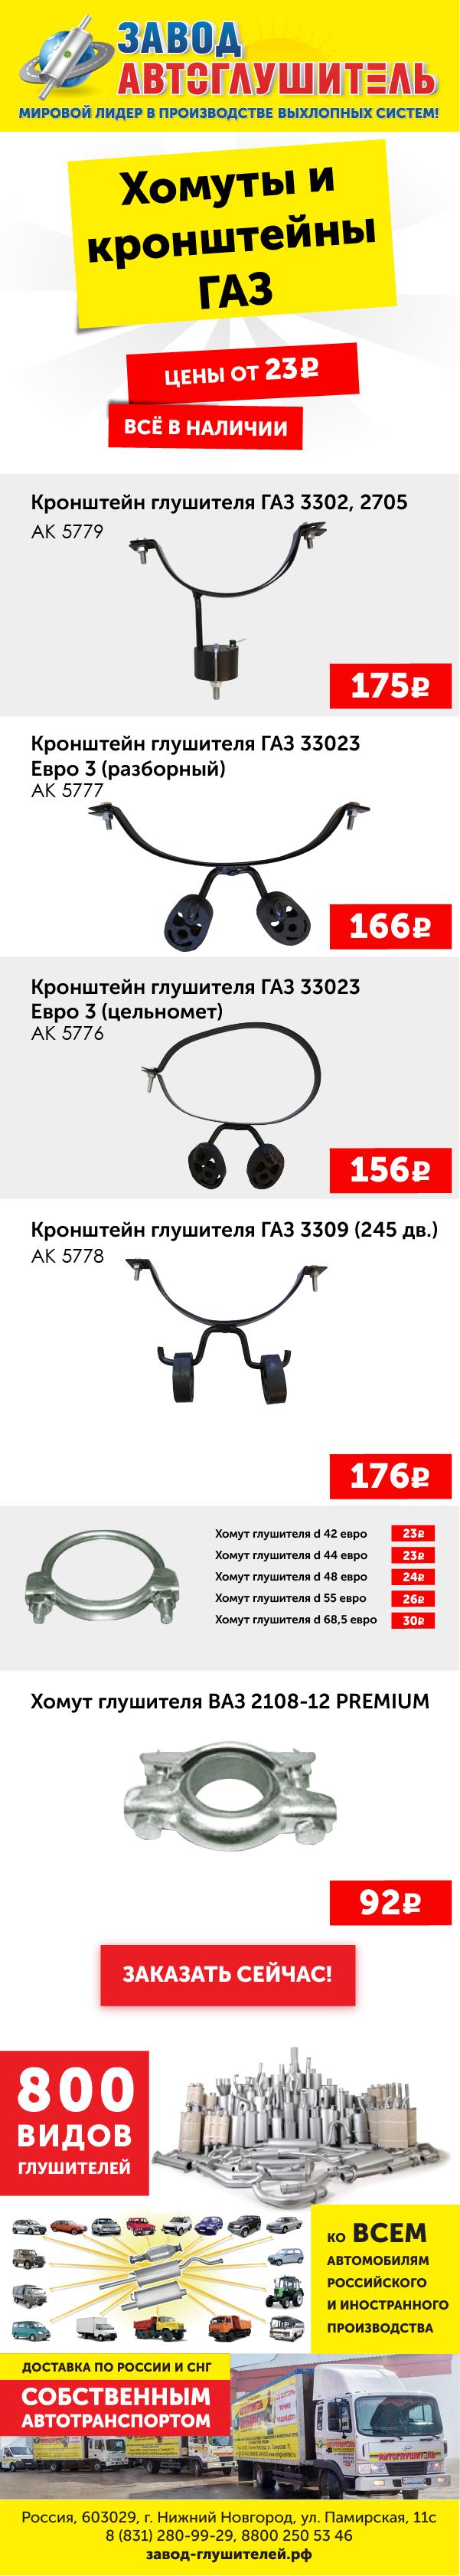 Глушители ВАЗ Премиум - супер качество!